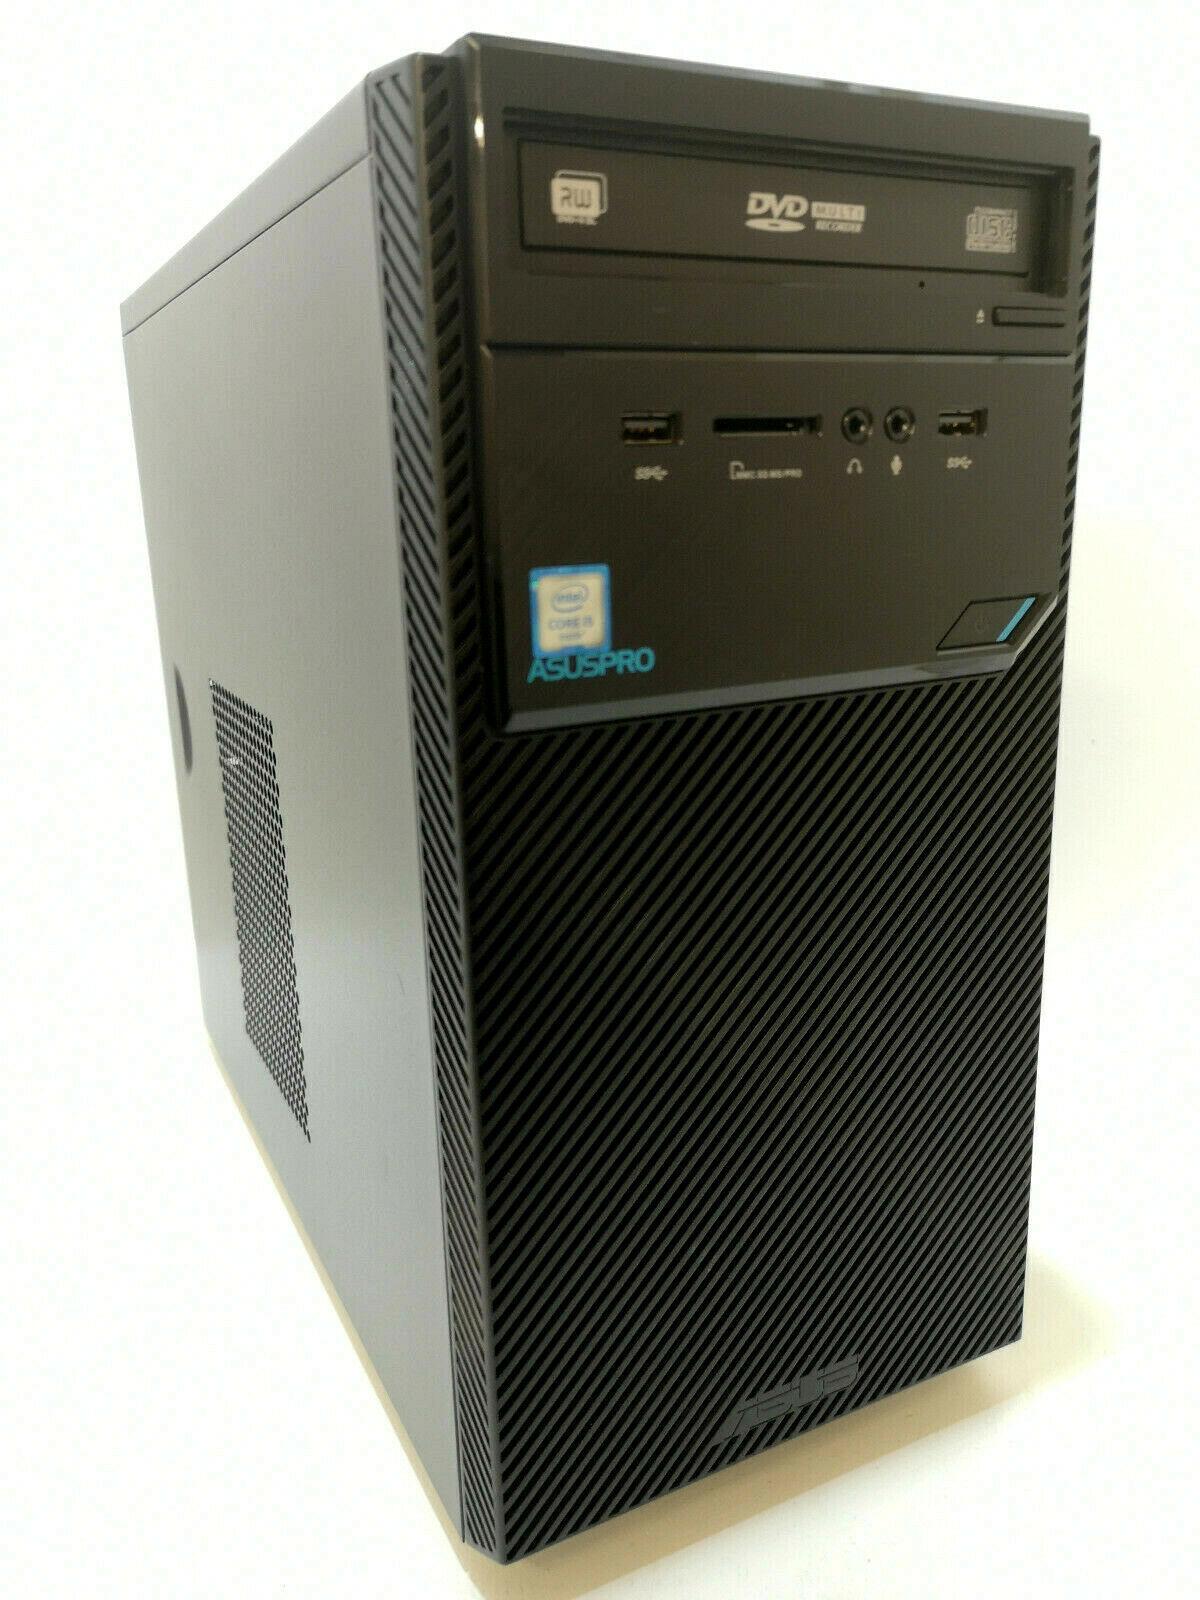 ASUS-D320-MT - 138006